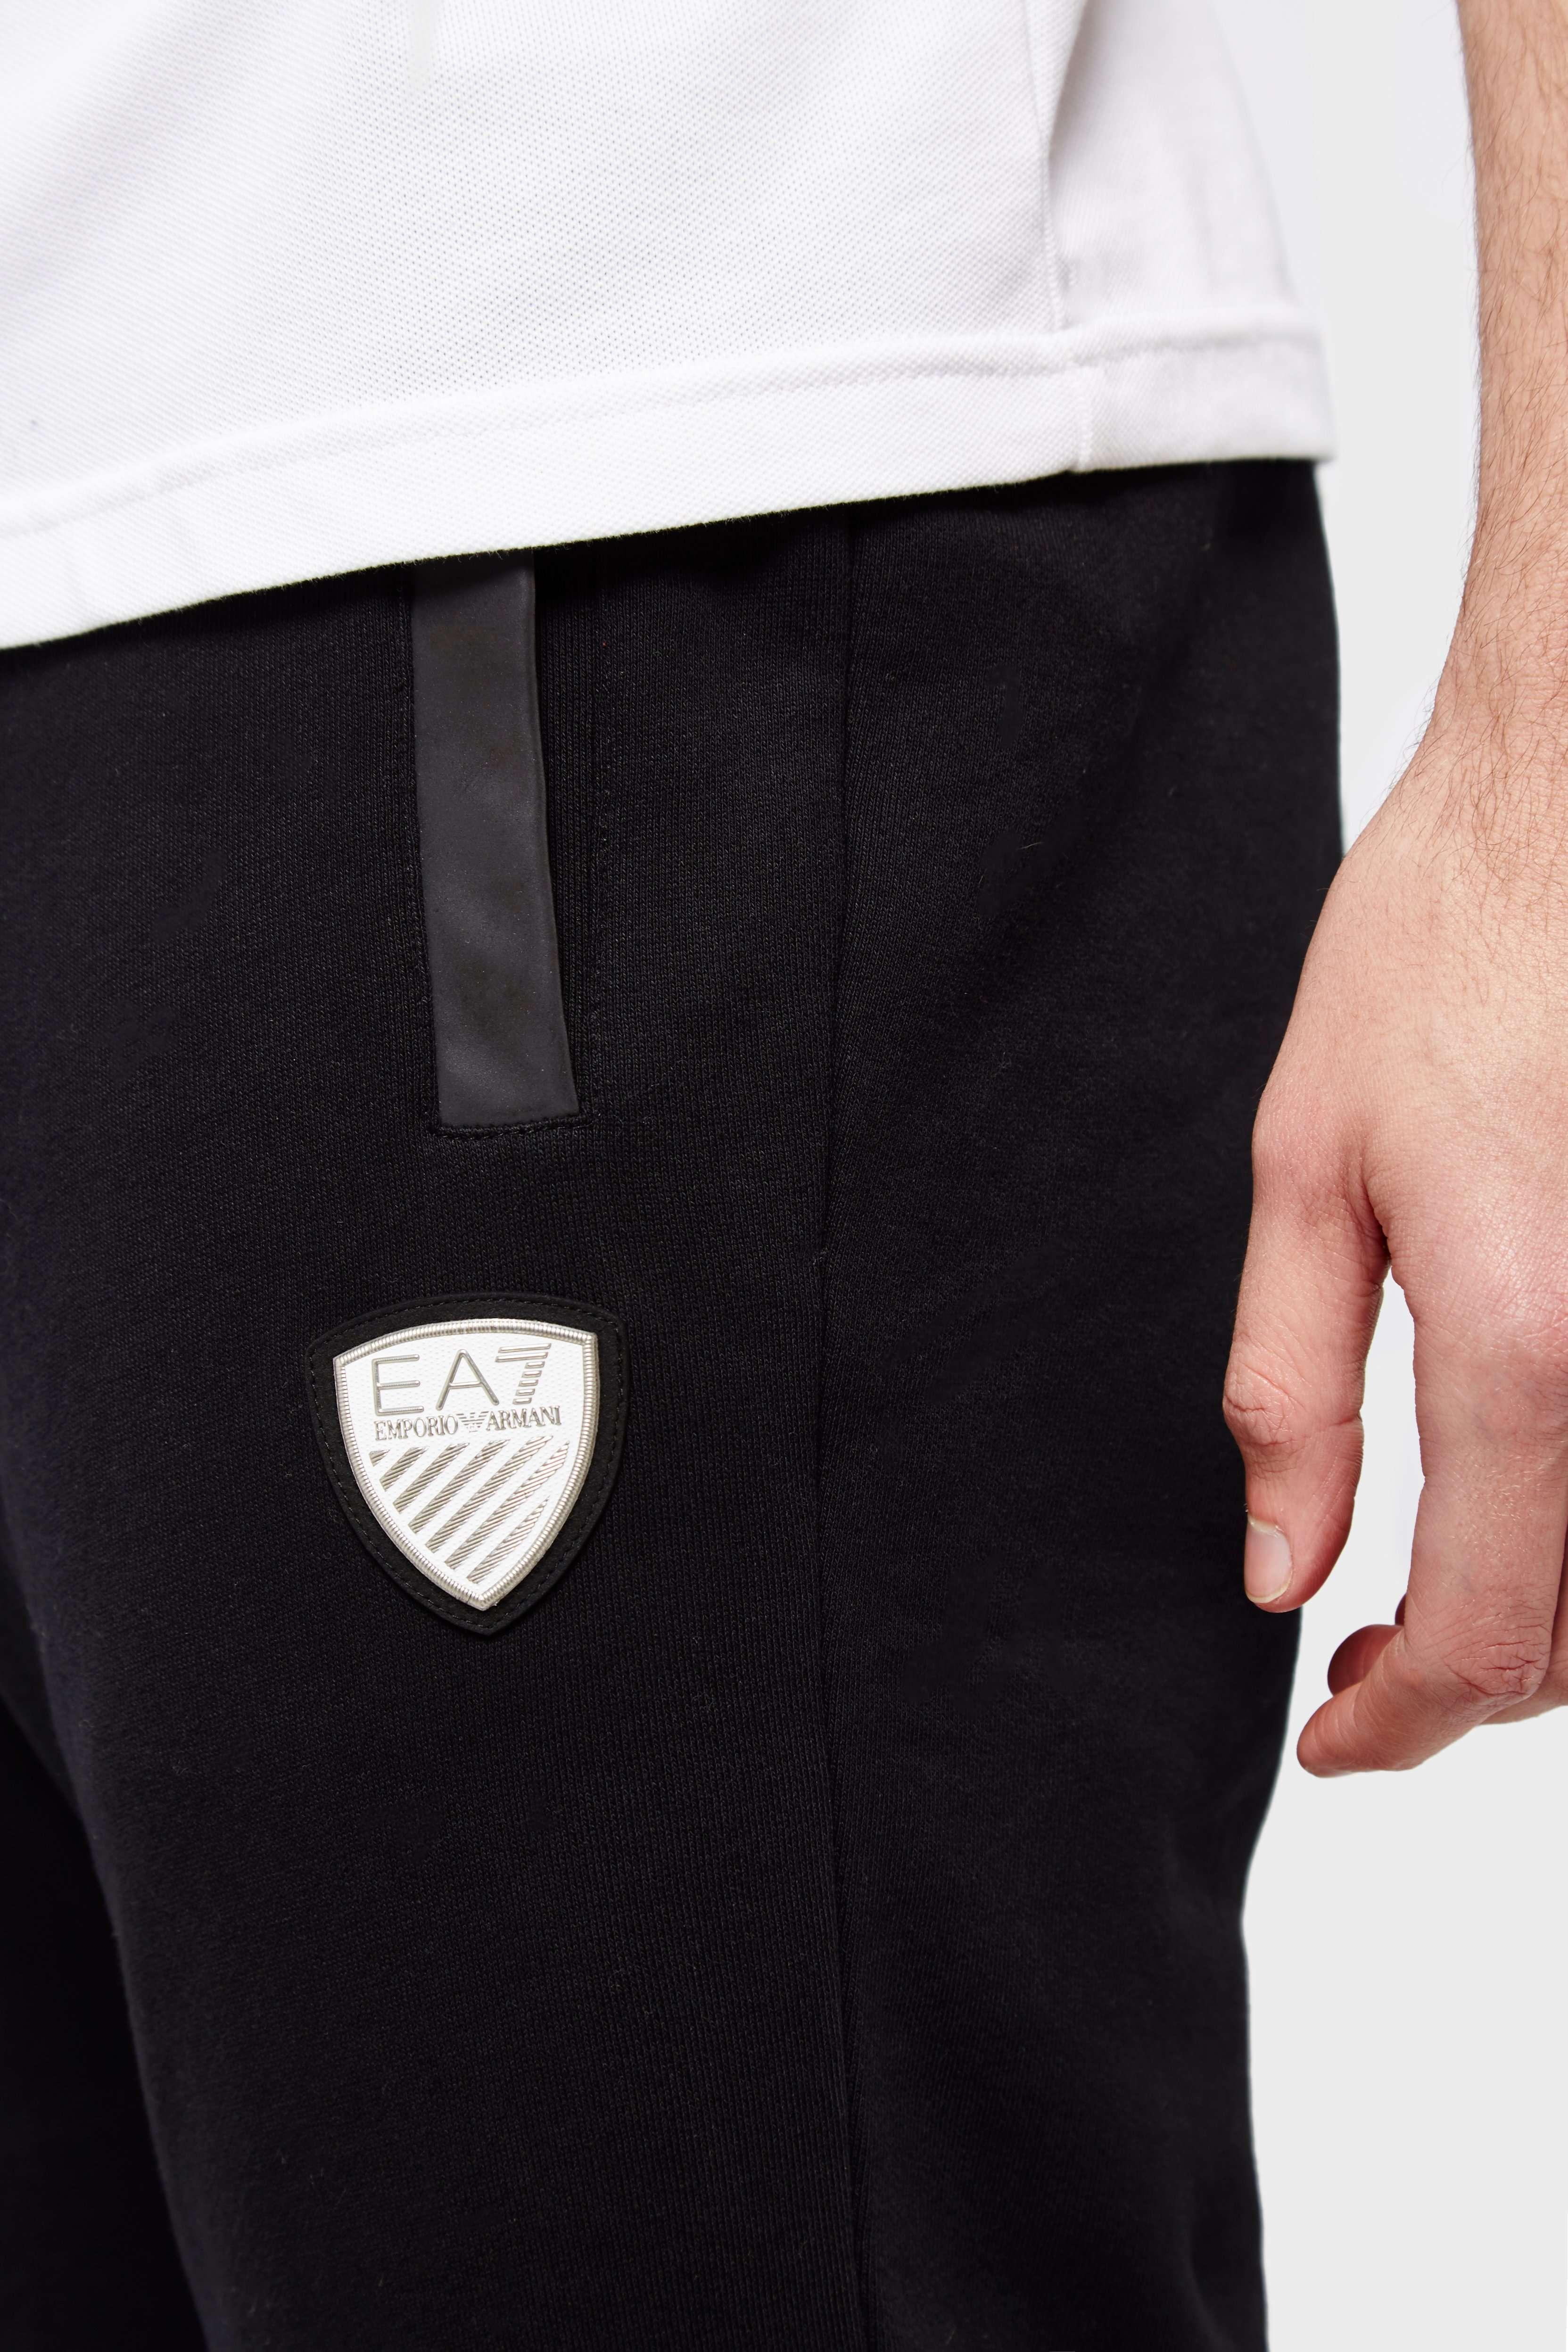 Emporio Armani EA7 259 Fleece Trackpants - Exclusive